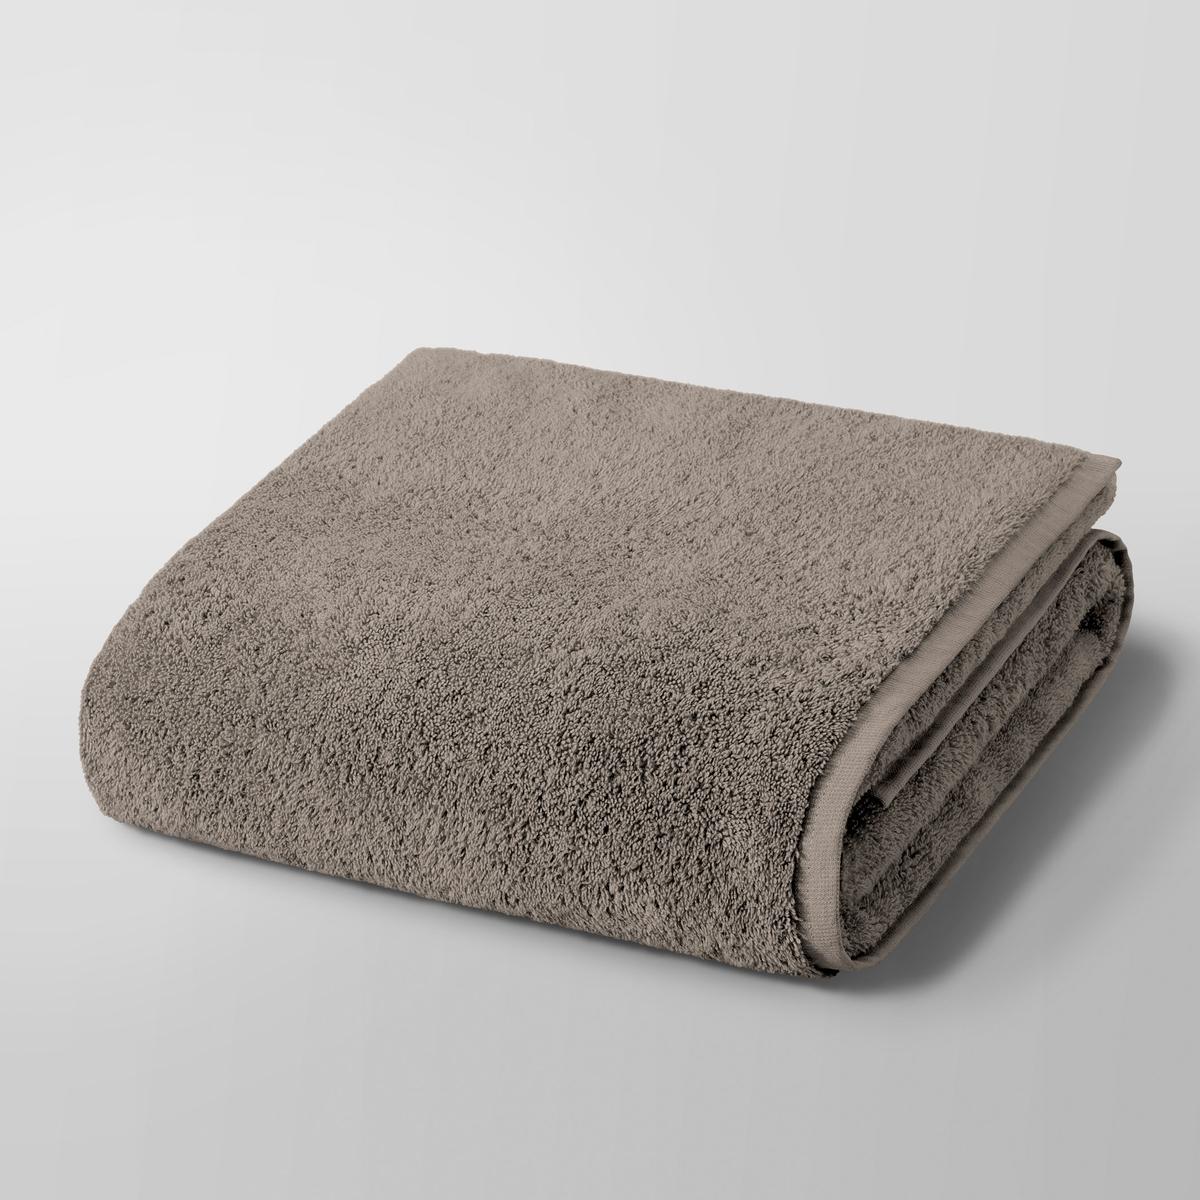 Полотенце для душа макси Gilbear, 100% хлопокПолотенце для душа макси Gilbear, 100% хлопок. Очень нежная, плотная и мягкая махровая ткань. 100% чесаный хлопок 600г/м?, очень мягкий и устойчивый к износу. Машинная стирка при 60 °С. Размер : 103 x 150 см.<br><br>Цвет: серо-коричневый,темно-серый